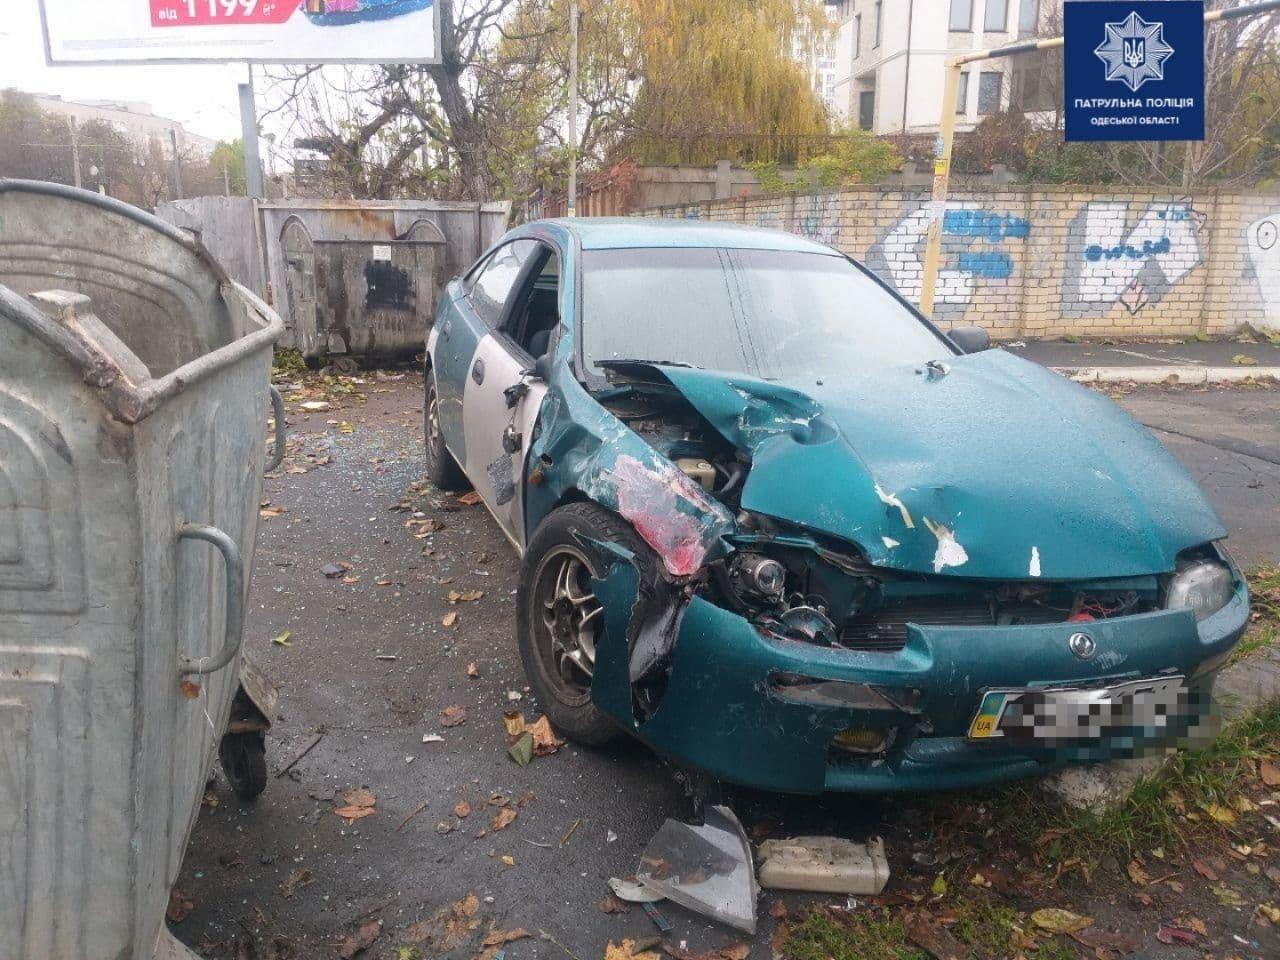 Выехал на встречку: в Одессе столкнулись два автомобиля, один из которых перевернулся, - ФОТО, фото-3